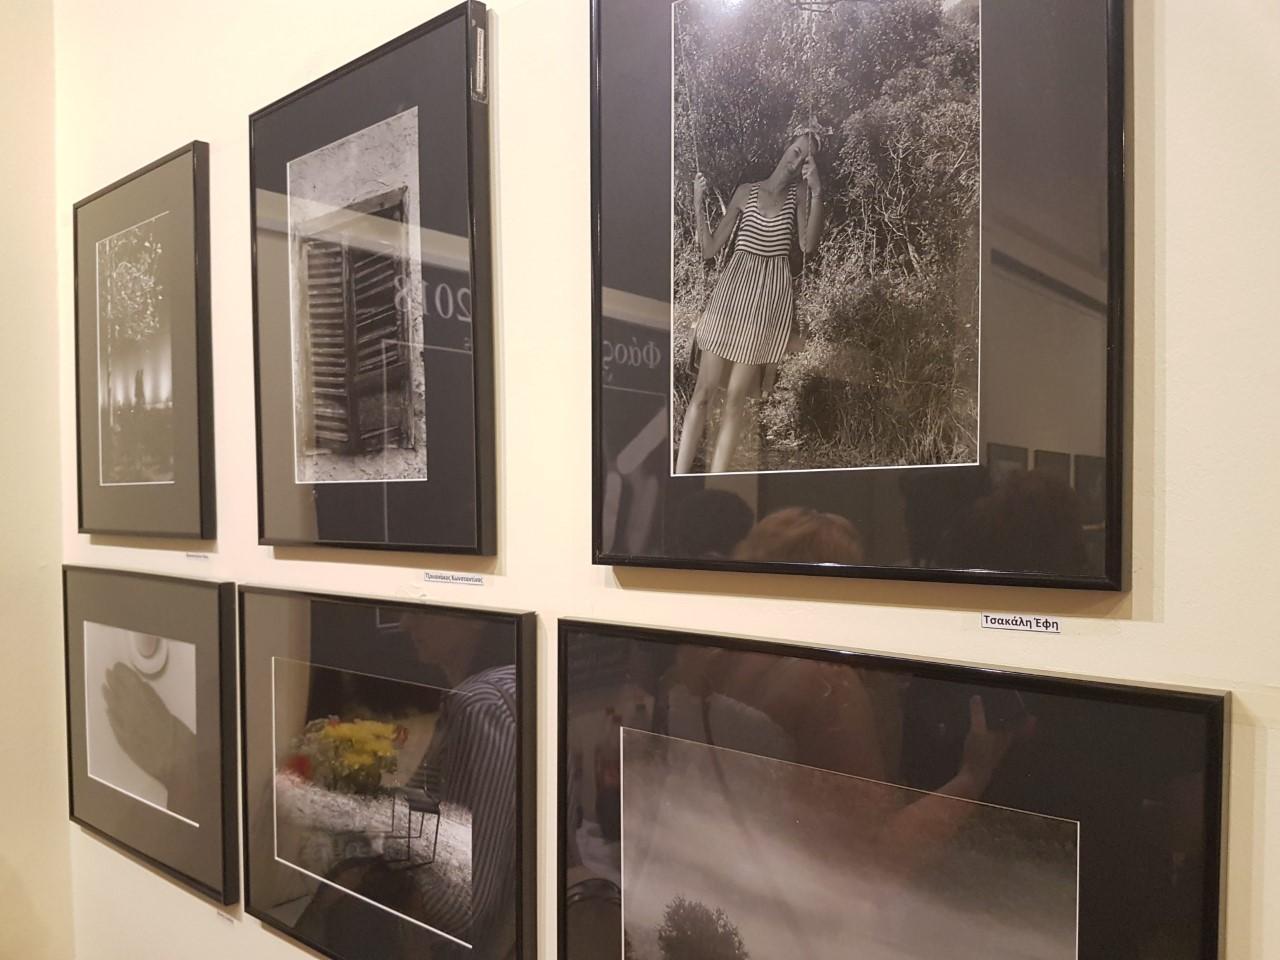 Δωρεάν μαθήματα αναλογικής φωτογραφίας για 33 χρονιά στον Δήμο Ηρακλείου Αττικής